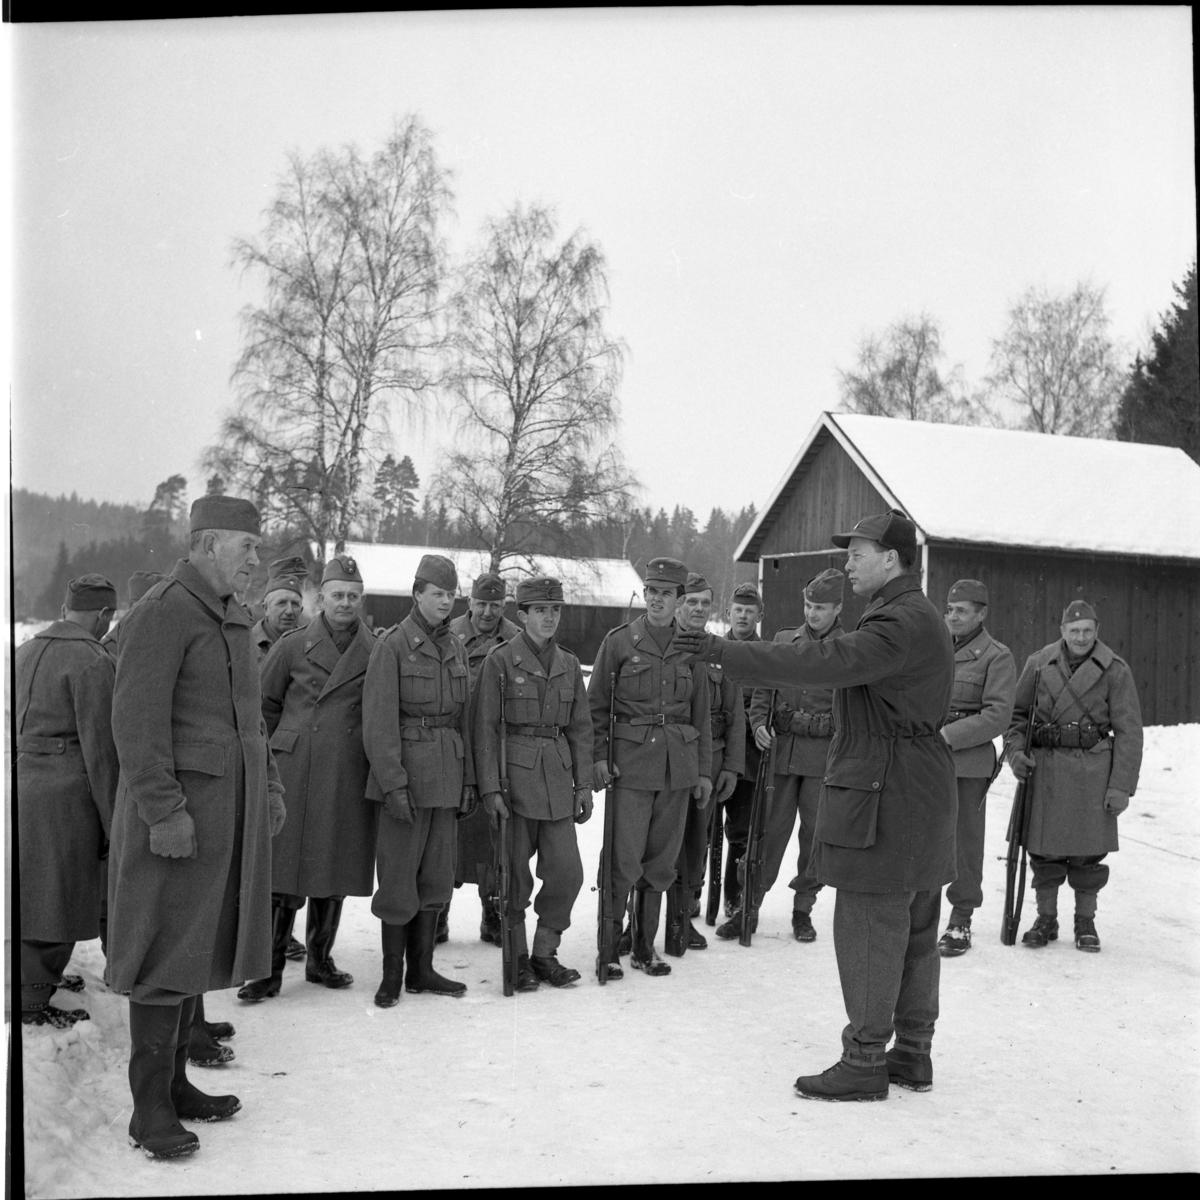 Hemvärnsövning vid Örserumsbrum, vintertid. Ett led med uppställda hemvärnsmän, trea från höger är Jörgen Karlsson (Rangenstedt). Framför dem står två befäl mittemot varandra och samtalar.